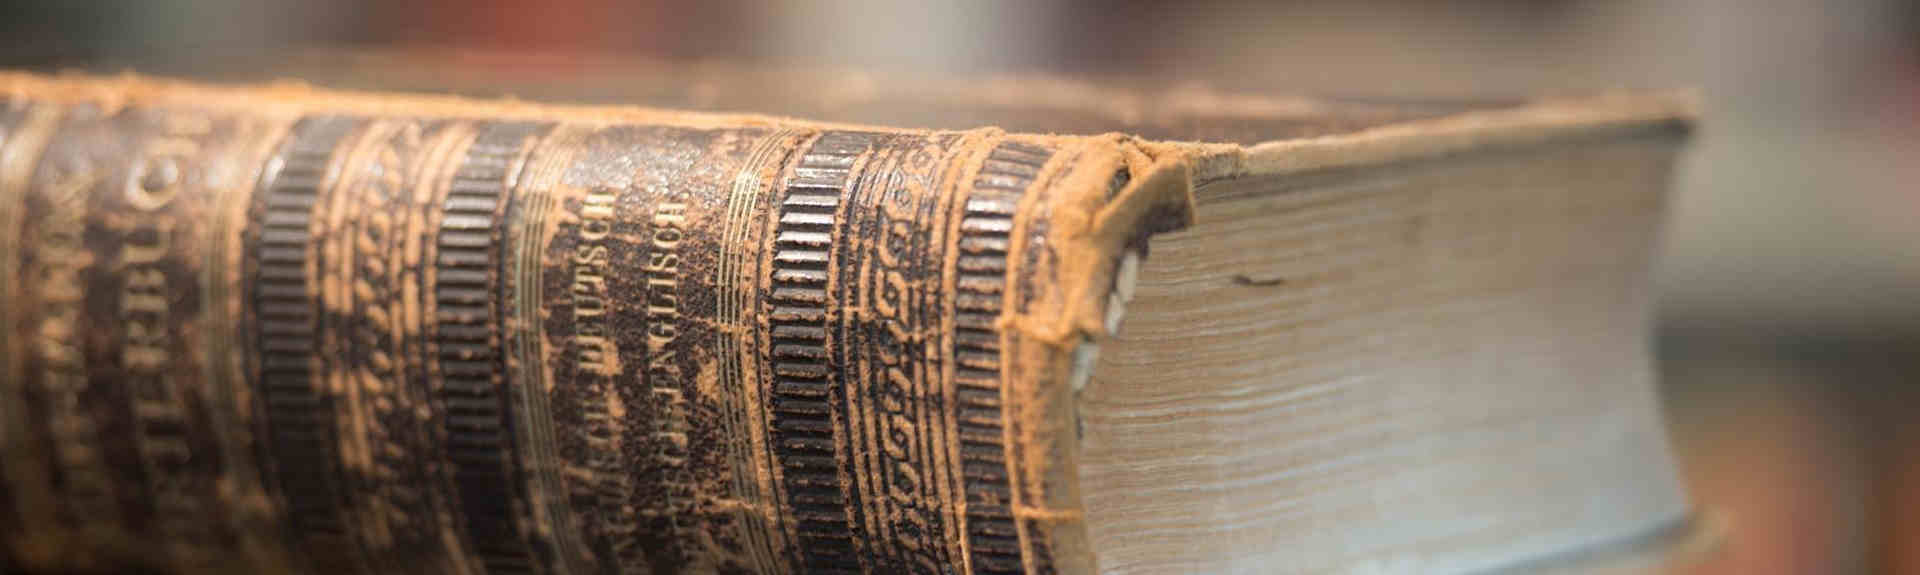 header bible sur un présentoir